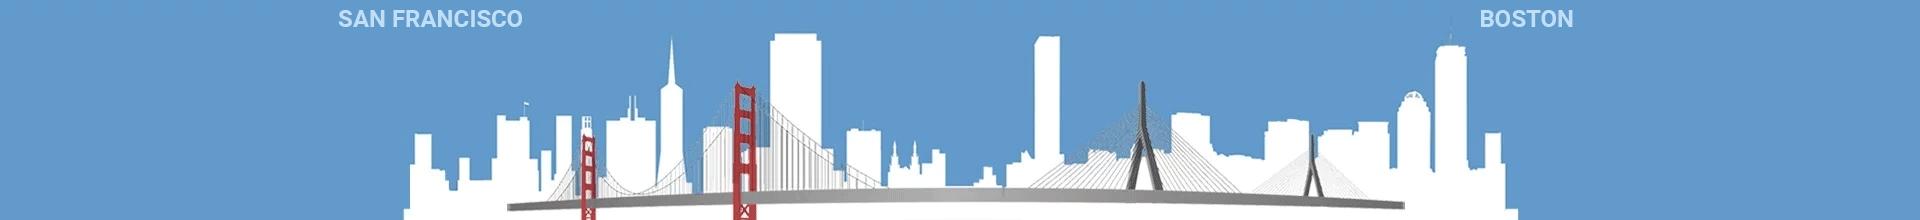 SF-Boston-Graphic